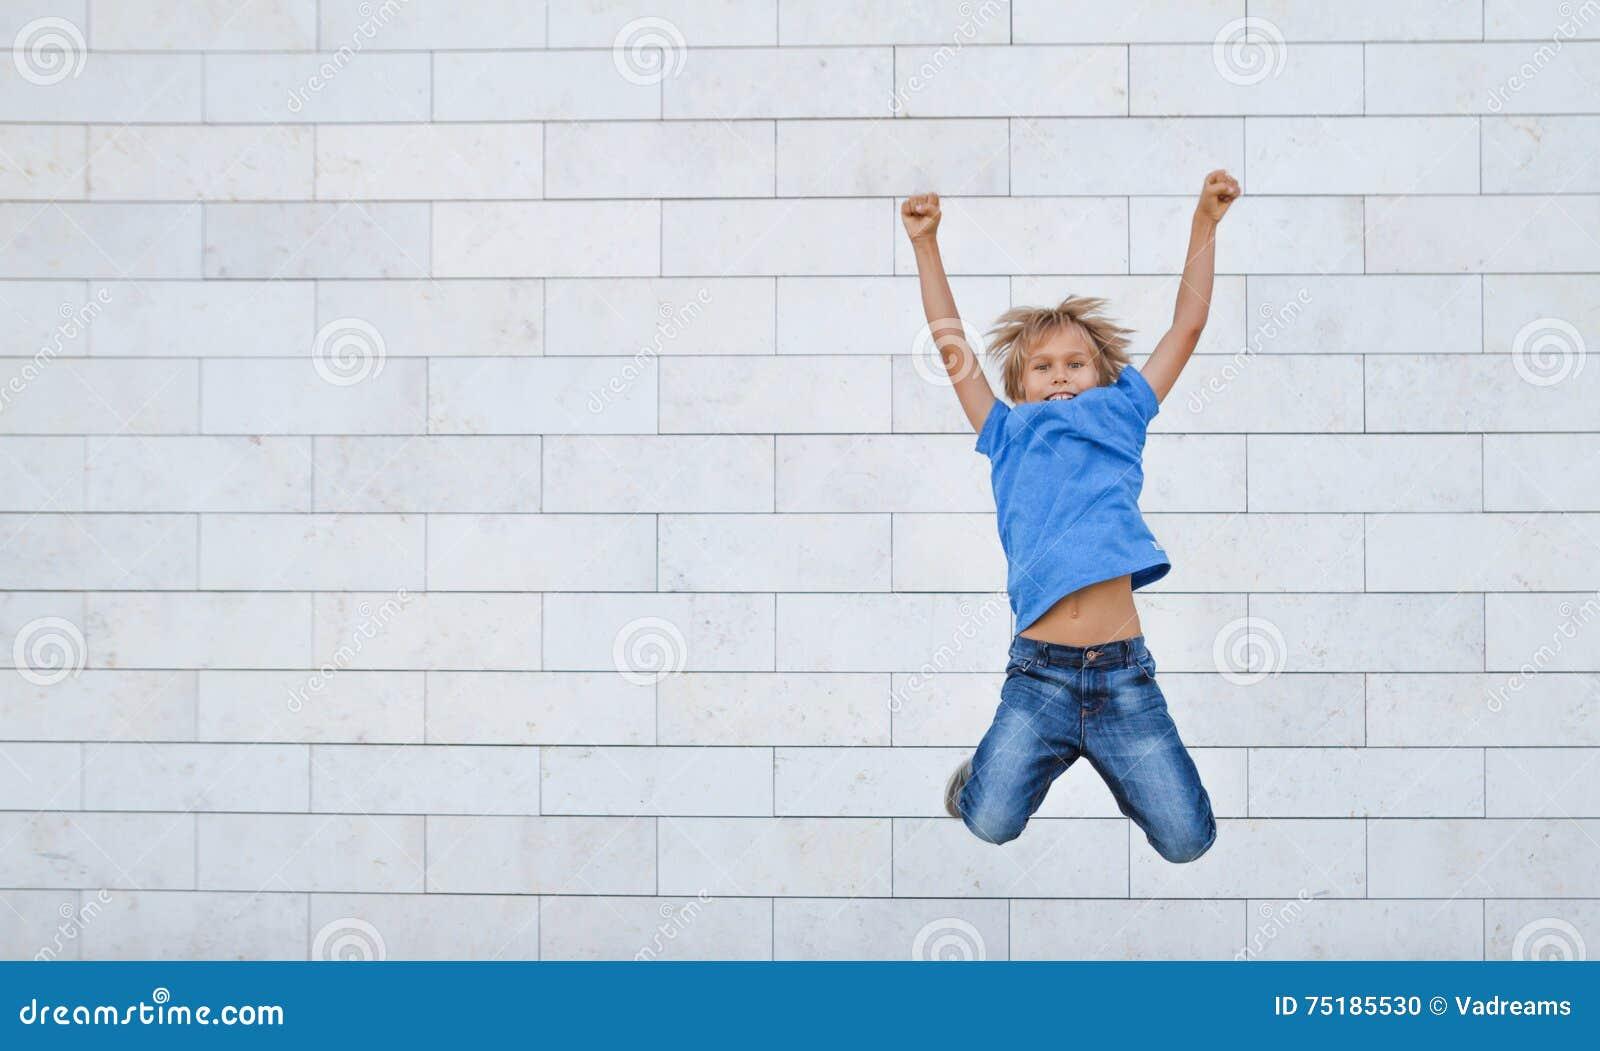 O rapaz pequeno feliz salta na elevação Povos, infância, felicidade, liberdade, conceito do movimento